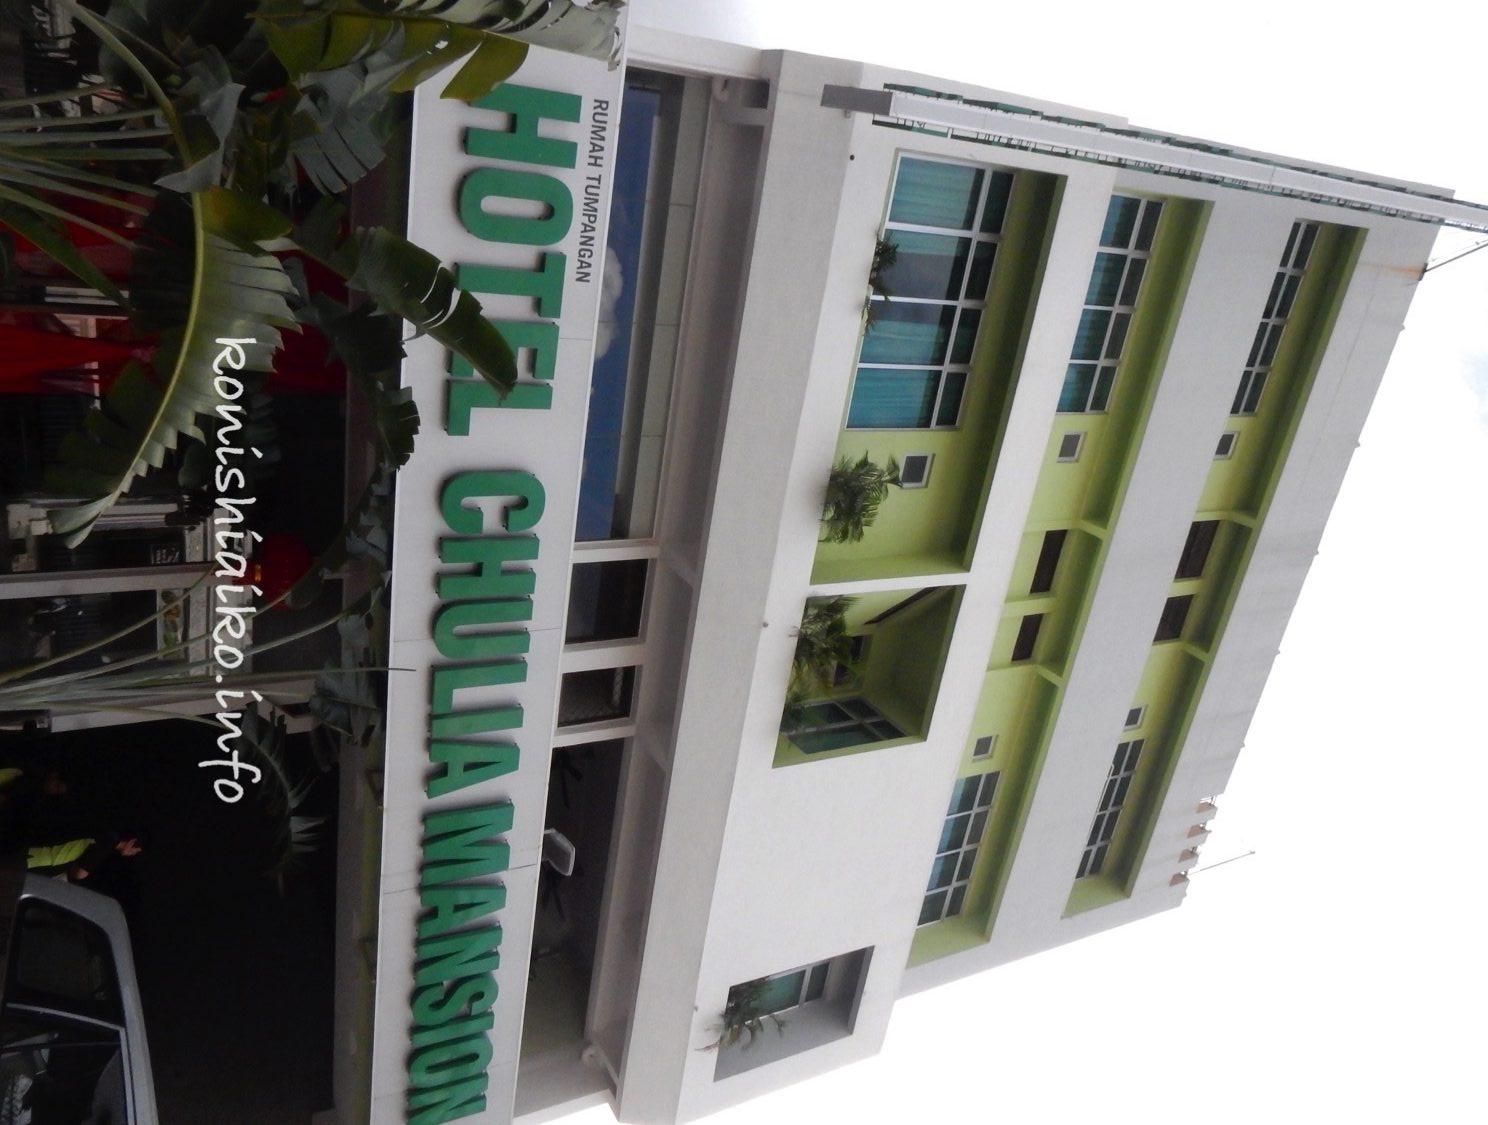 白い4階建ての建物に緑色のロゴが目印